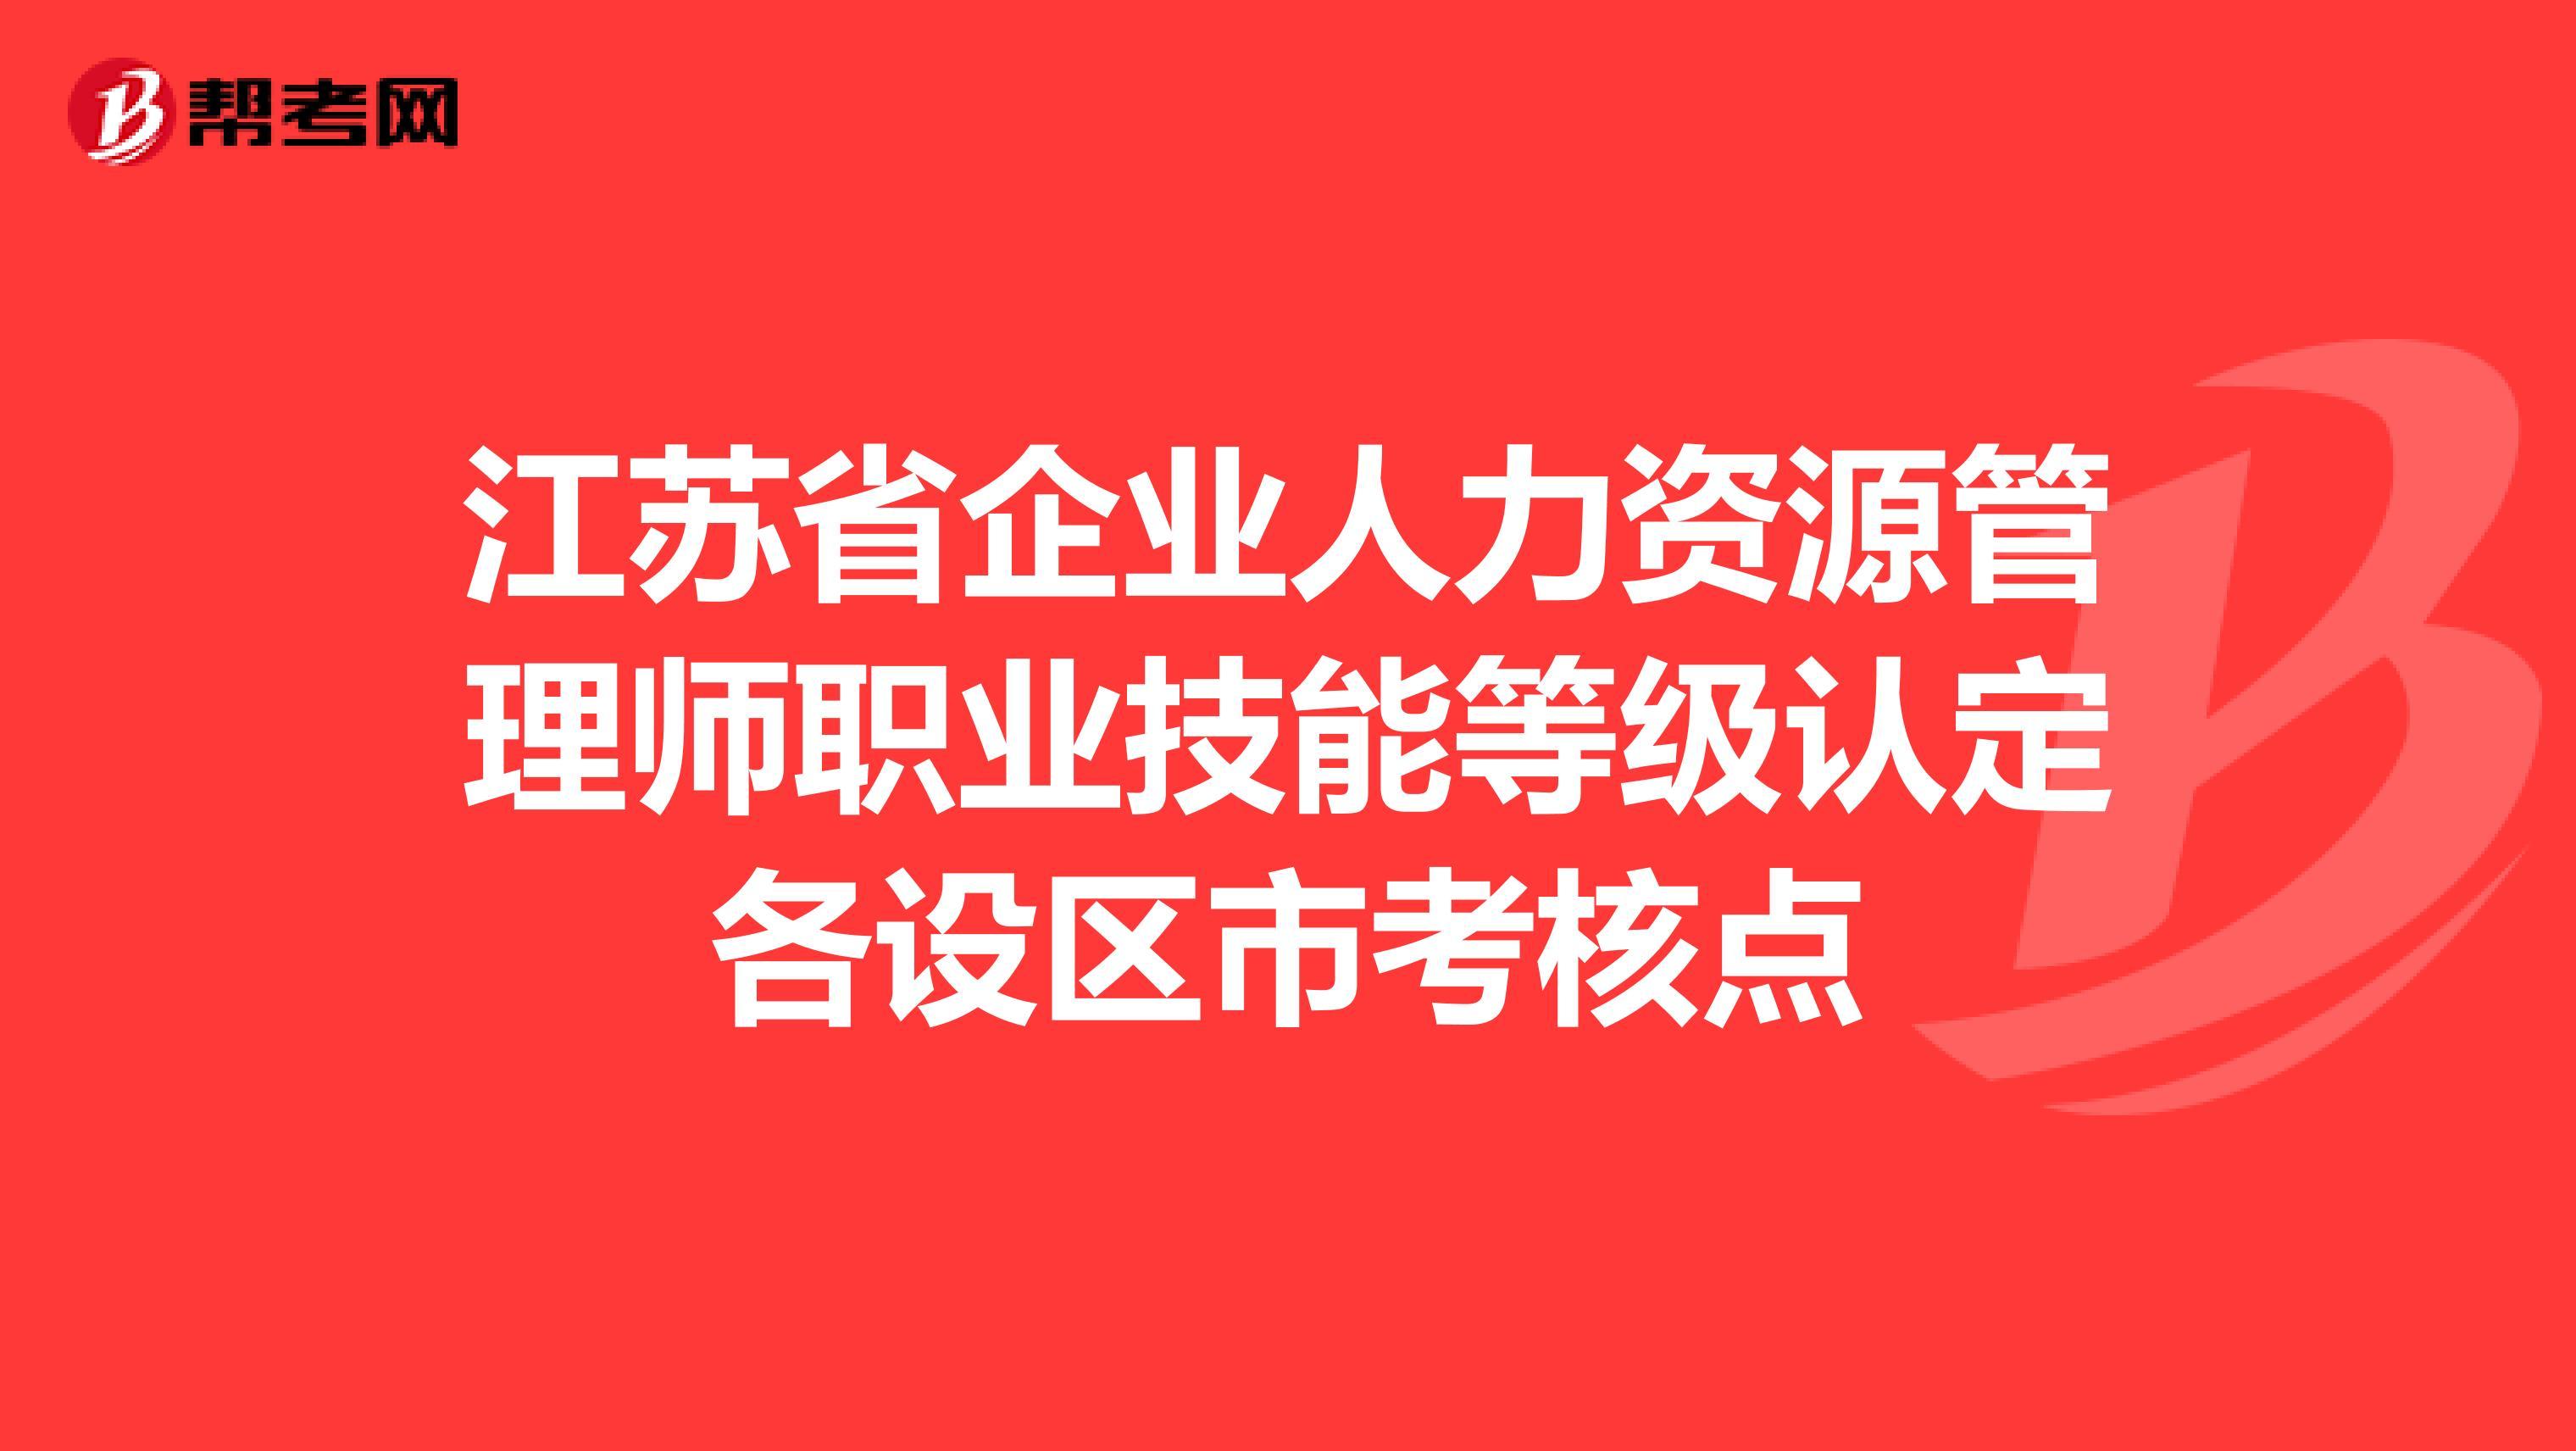 江蘇省企業人力資源管理師職業技能等級認定各設區市考核點